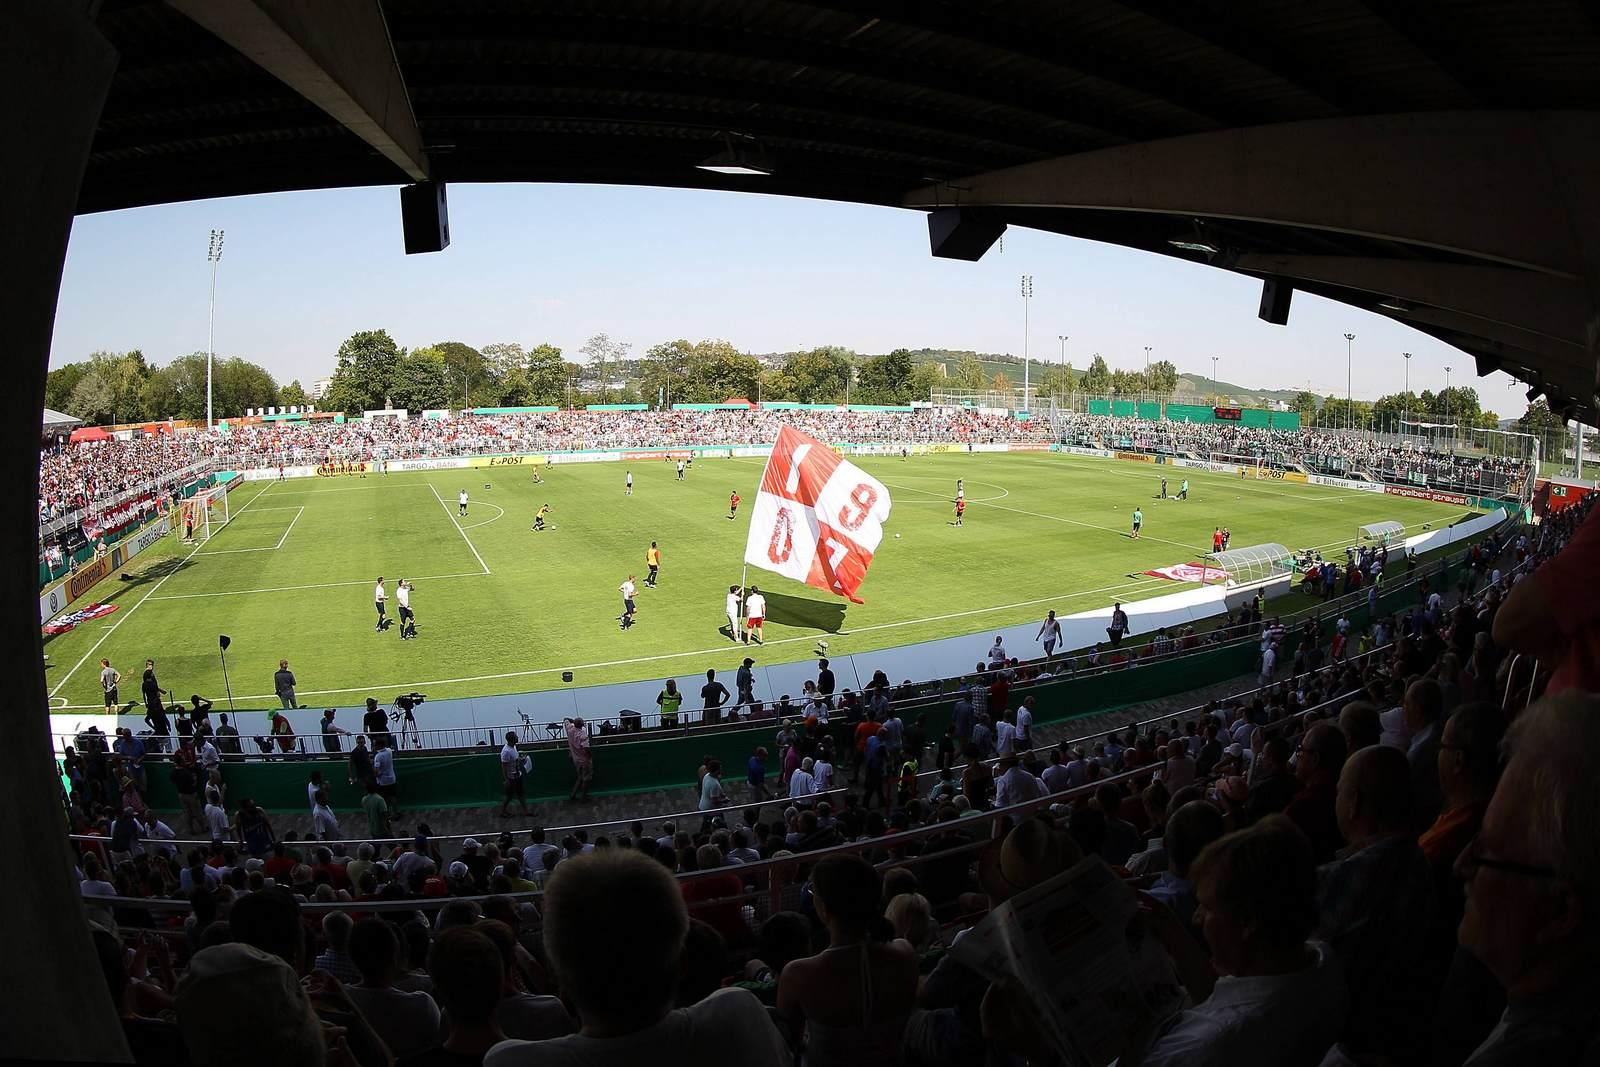 Das Stadion der Würzburger Kickers, die Flyeralarm Arena